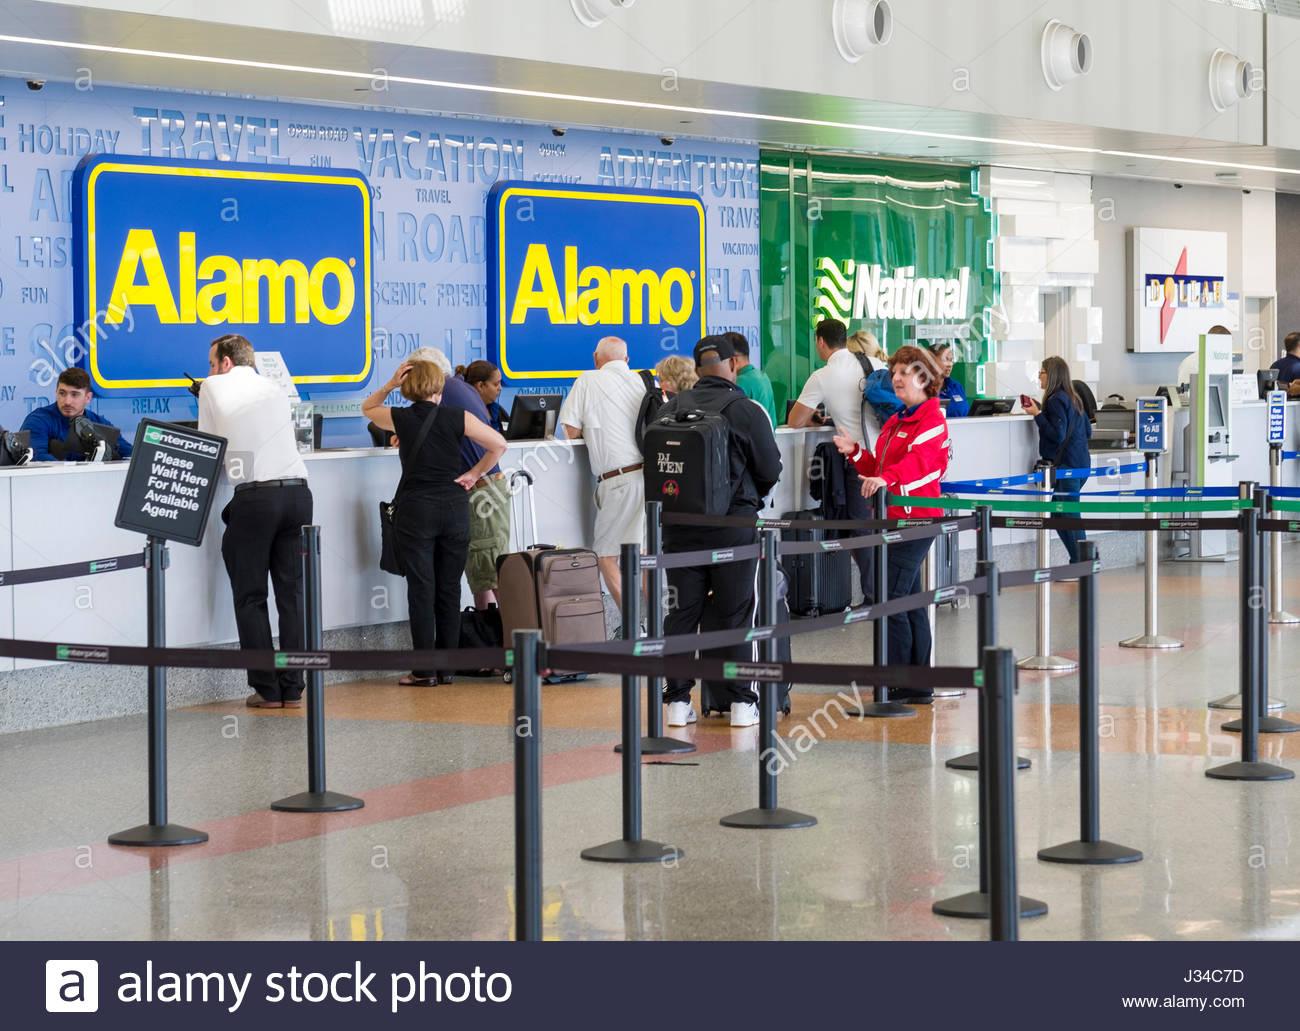 Alamo Car Rental Stock Photos Amp Alamo Car Rental Stock